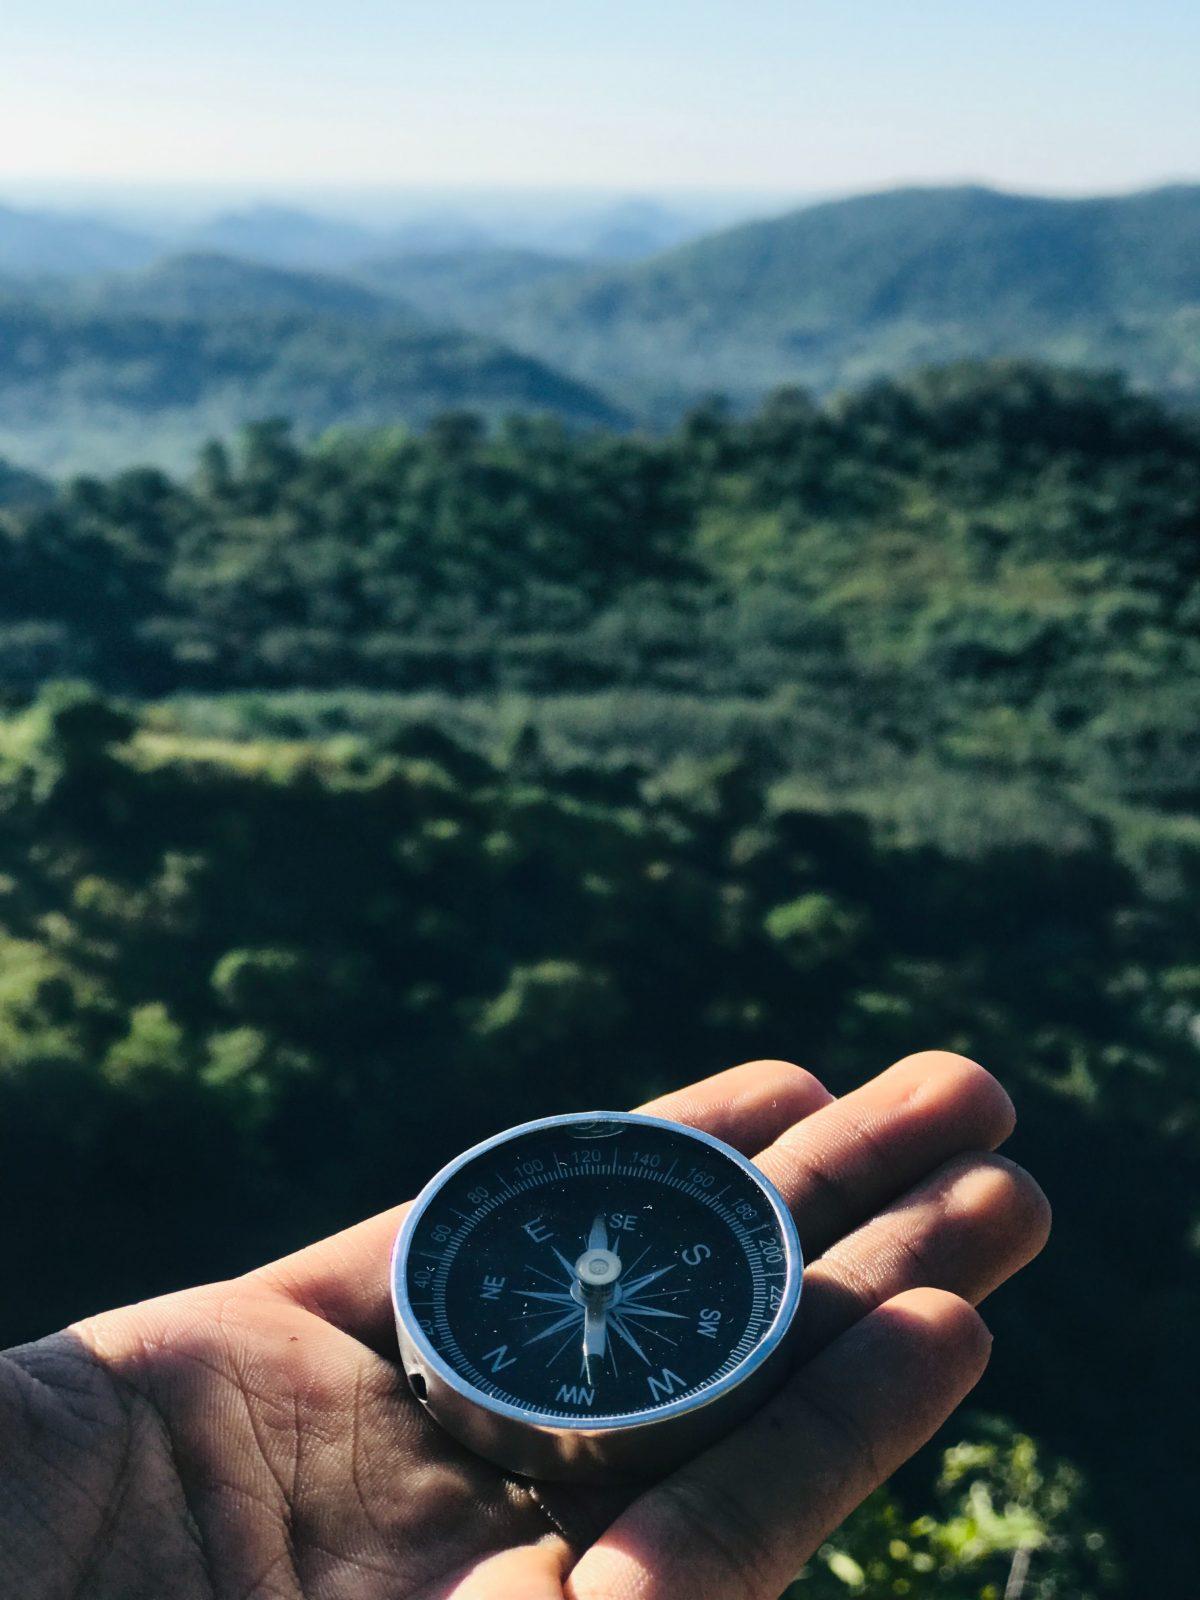 persoonlijk leiderschap hand met kompas